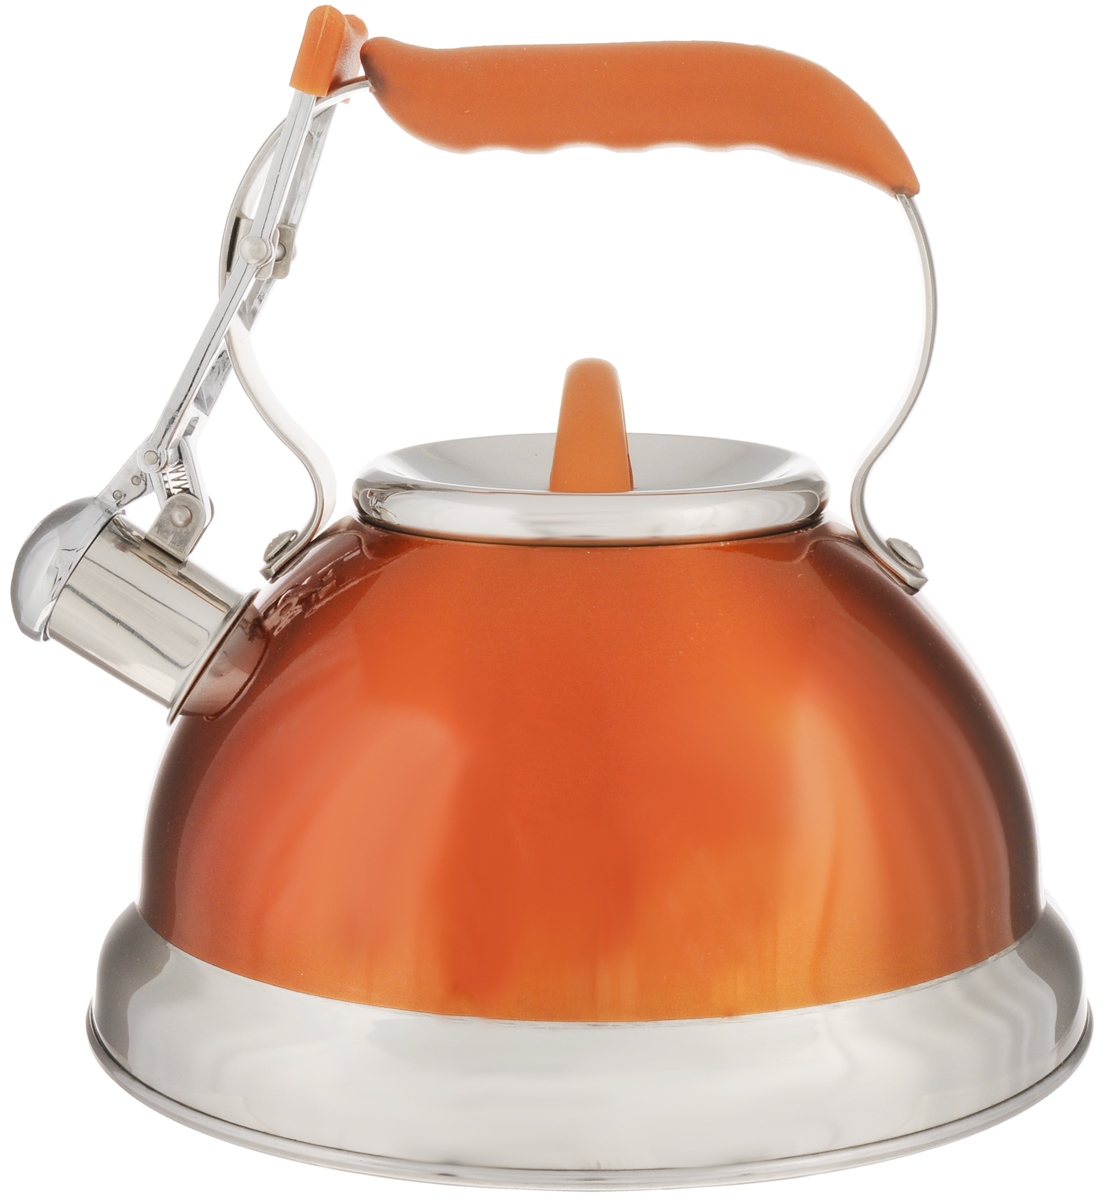 Чайник Calve, со свистком, цвет: оранжевый, 2,7 л115510Чайник Calve изготовлен из высококачественной нержавеющей стали 18/10, внешние стенки имеют цветное глянцевое покрытие. Нержавеющая сталь обладает высокой устойчивостью к коррозии, не вступает в реакцию с холодными и горячими продуктами и полностью сохраняет их вкусовые качества. Особая конструкция капсулированного дна способствует высокой теплопроводности и равномерному распределению тепла. Чайник оснащен удобной фиксированной ручкой с силиконовым покрытием. Носик чайника имеет откидной свисток с перфорацией в виде смайлика, звуковой сигнал которого подскажет, когда закипит вода. Свисток открывается с помощью рычага на ручке чайника. Чайник подходит для всех типов плит, включая индукционные. Можно мыть в посудомоечной машине.Диаметр чайника (по верхнему краю): 10 см.Высота чайника (без учета ручки и крышки): 11,5 см.Высота чайника (с учетом ручки): 22 см.